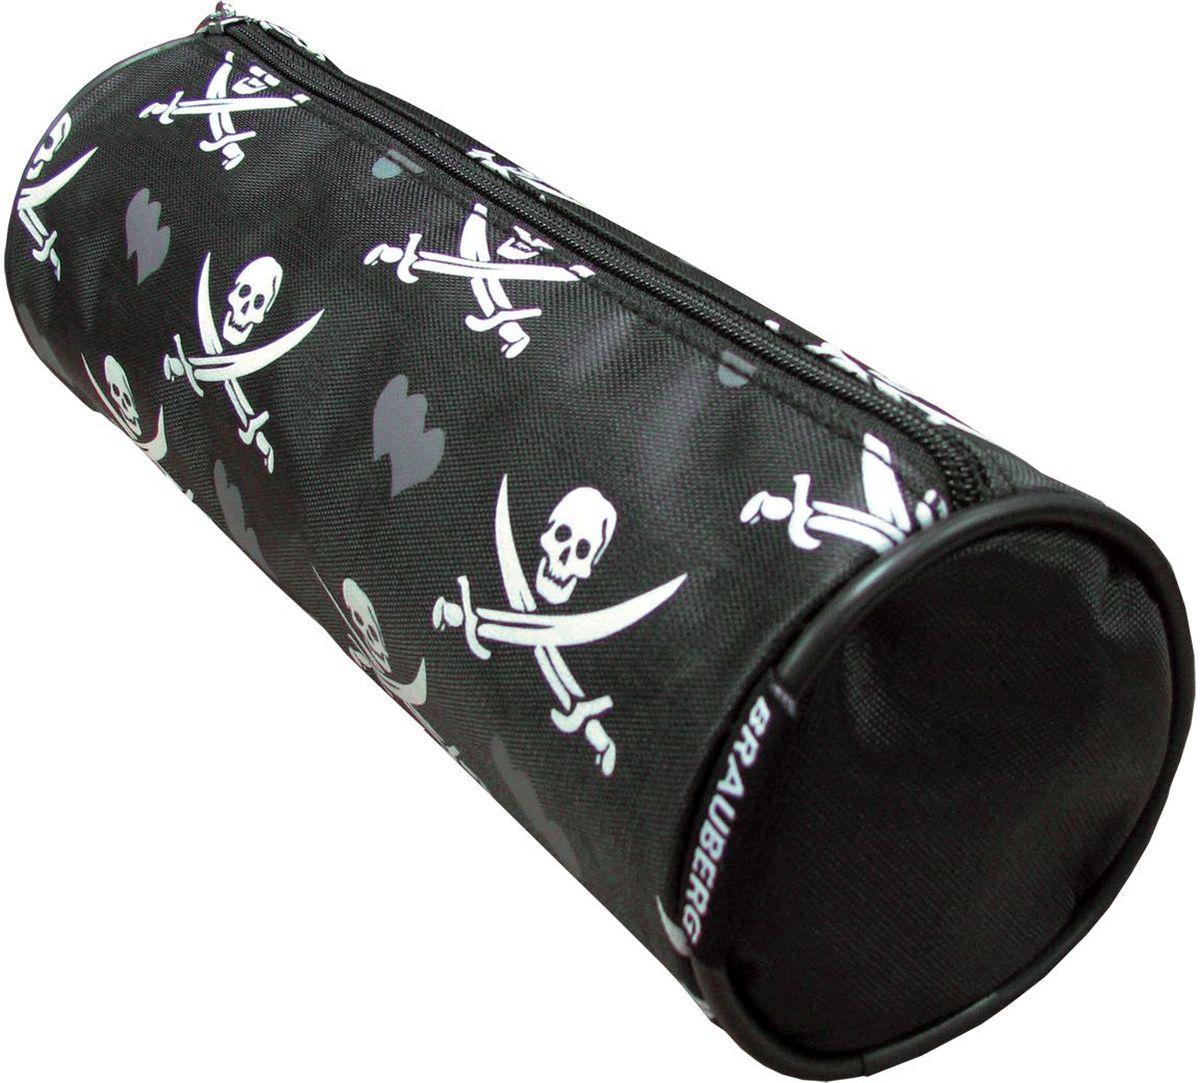 Brauberg Пенал-косметичка Пираты223273Удобный, легкий и вместительный пенал-косметичка украшен популярным принтом в виде пиратской символики.